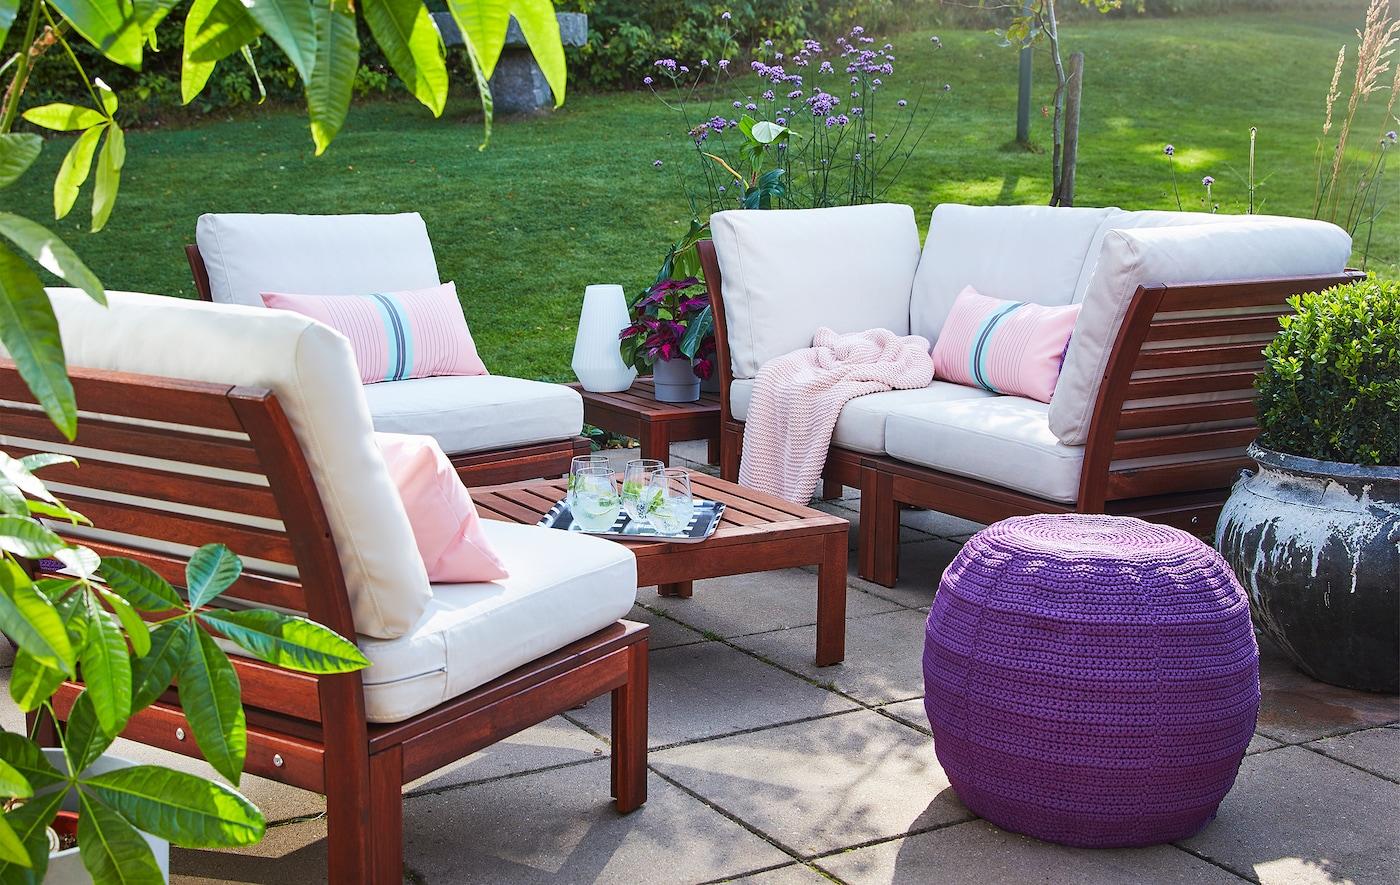 Drewniane meble ogrodowe z białymi i różowymi poduszkami, pokazane na szarym kamiennym tarasie.